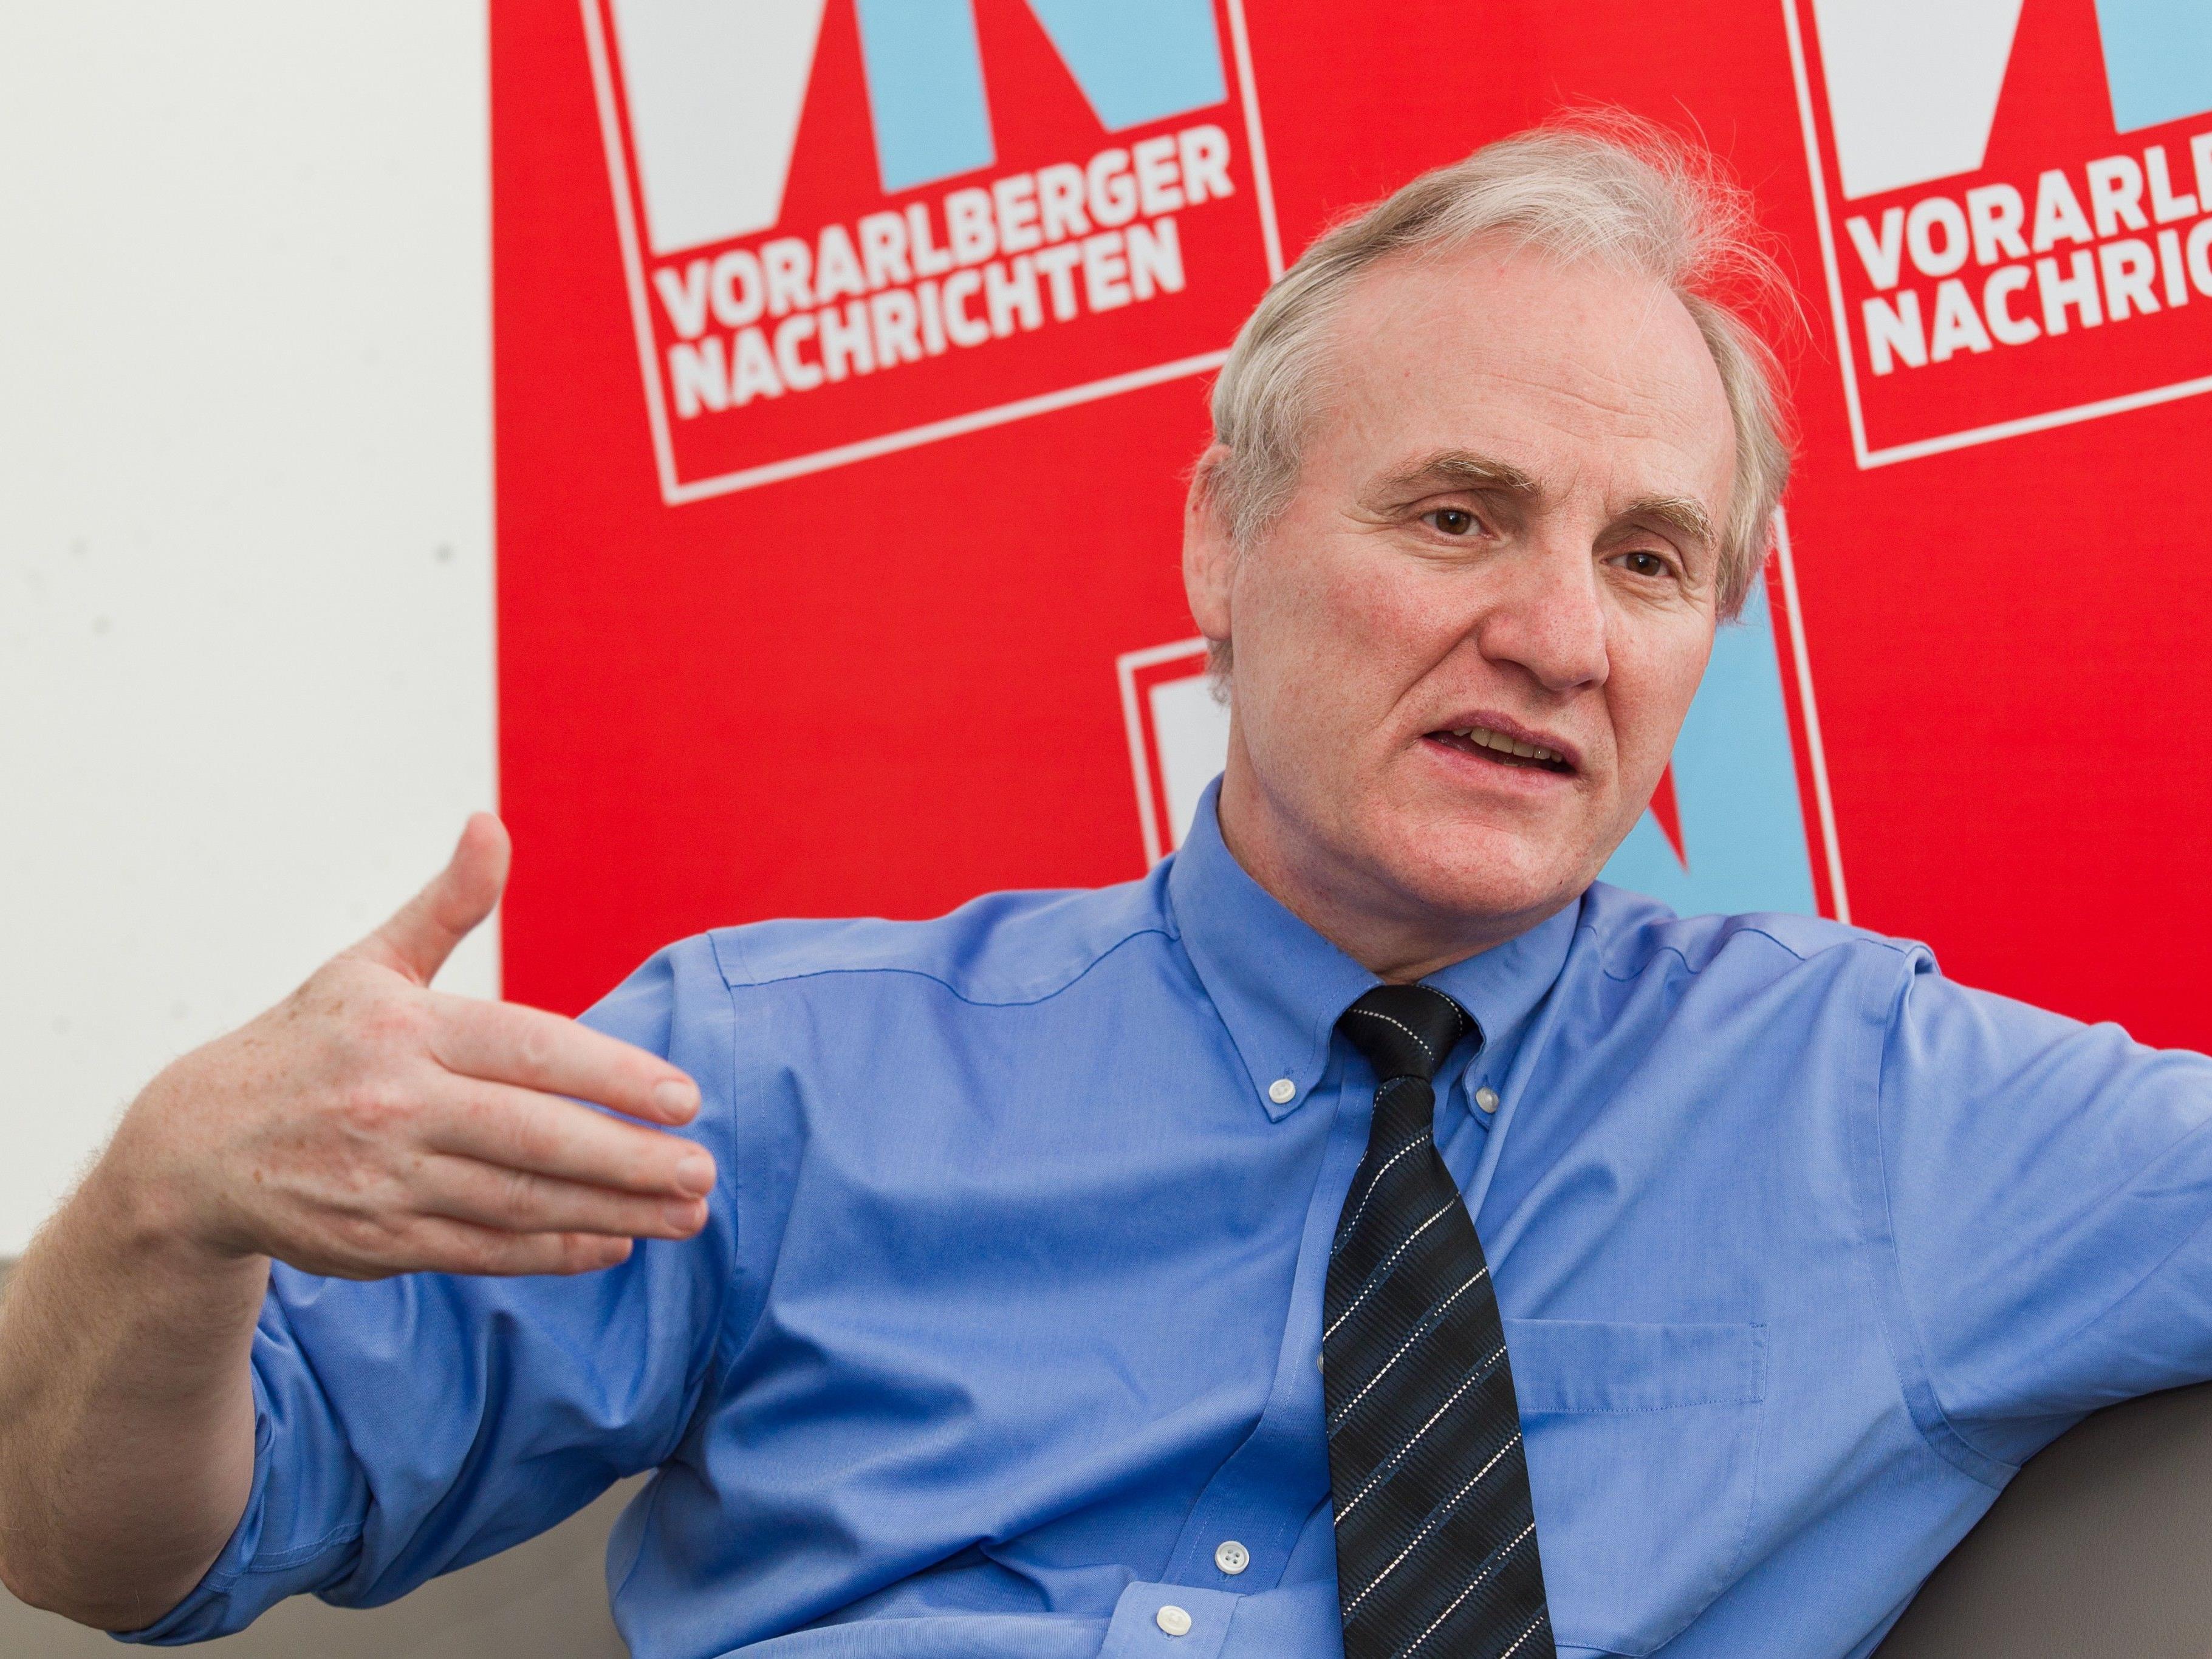 Der Vorarlberger Ökonom Ernst Fehr war an der Studie beteiligt.